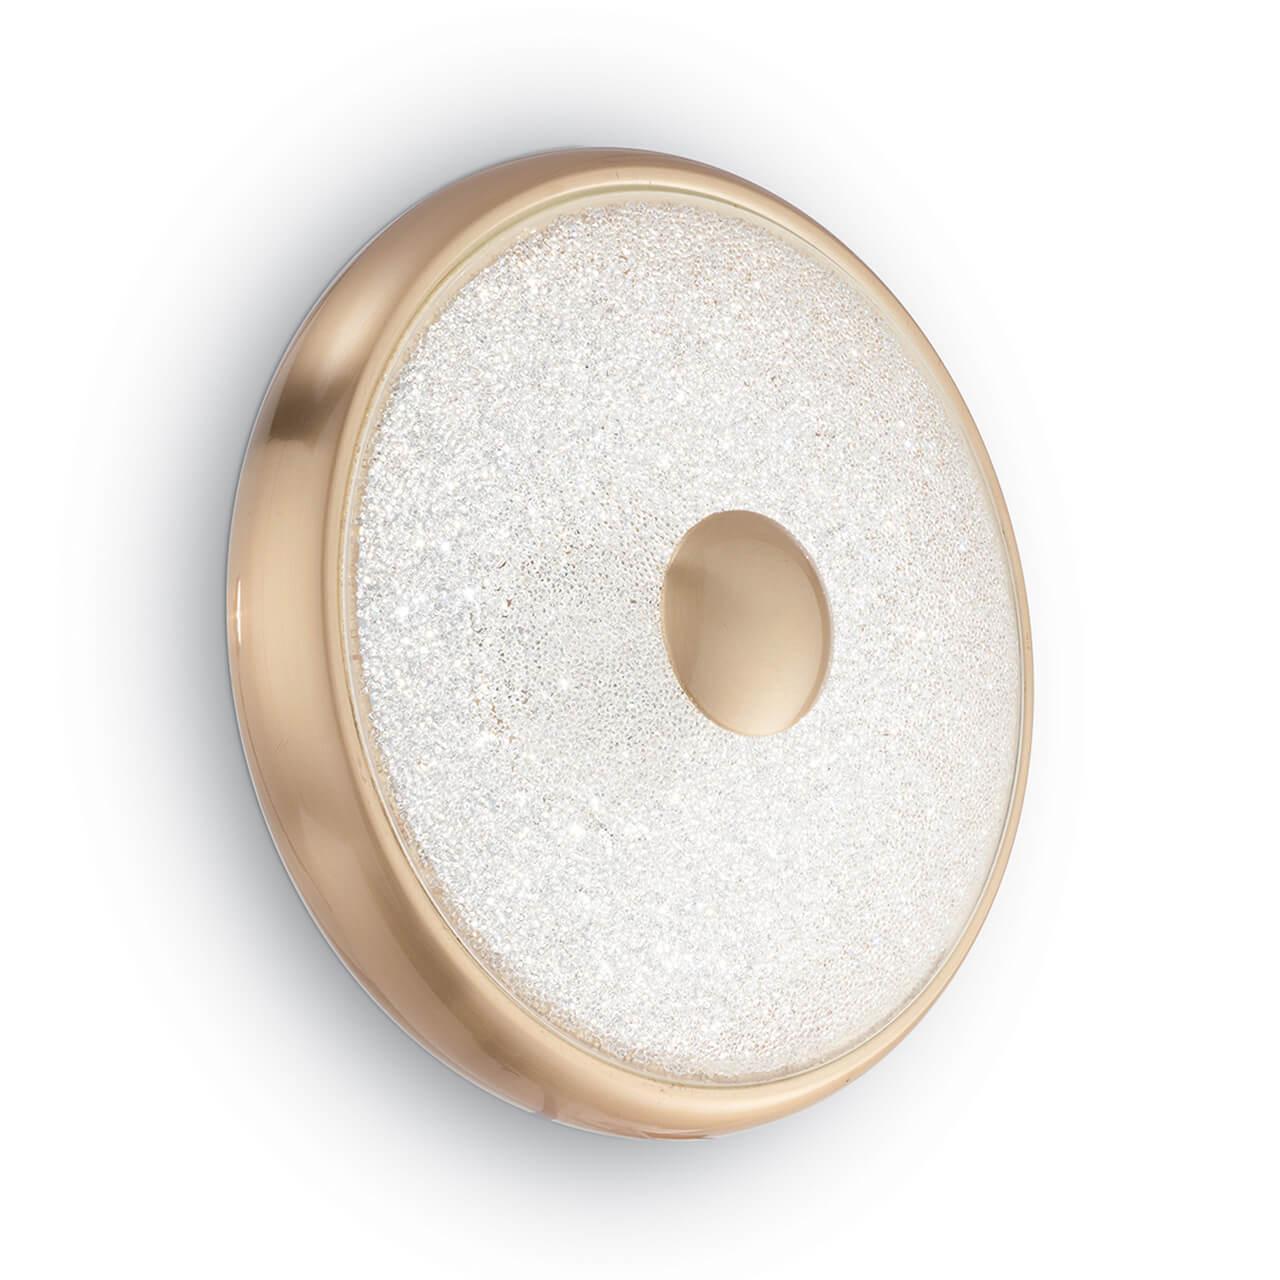 Настенный светодиодный светильник Ideal Lux Rubens AP24 Ottone Satinato